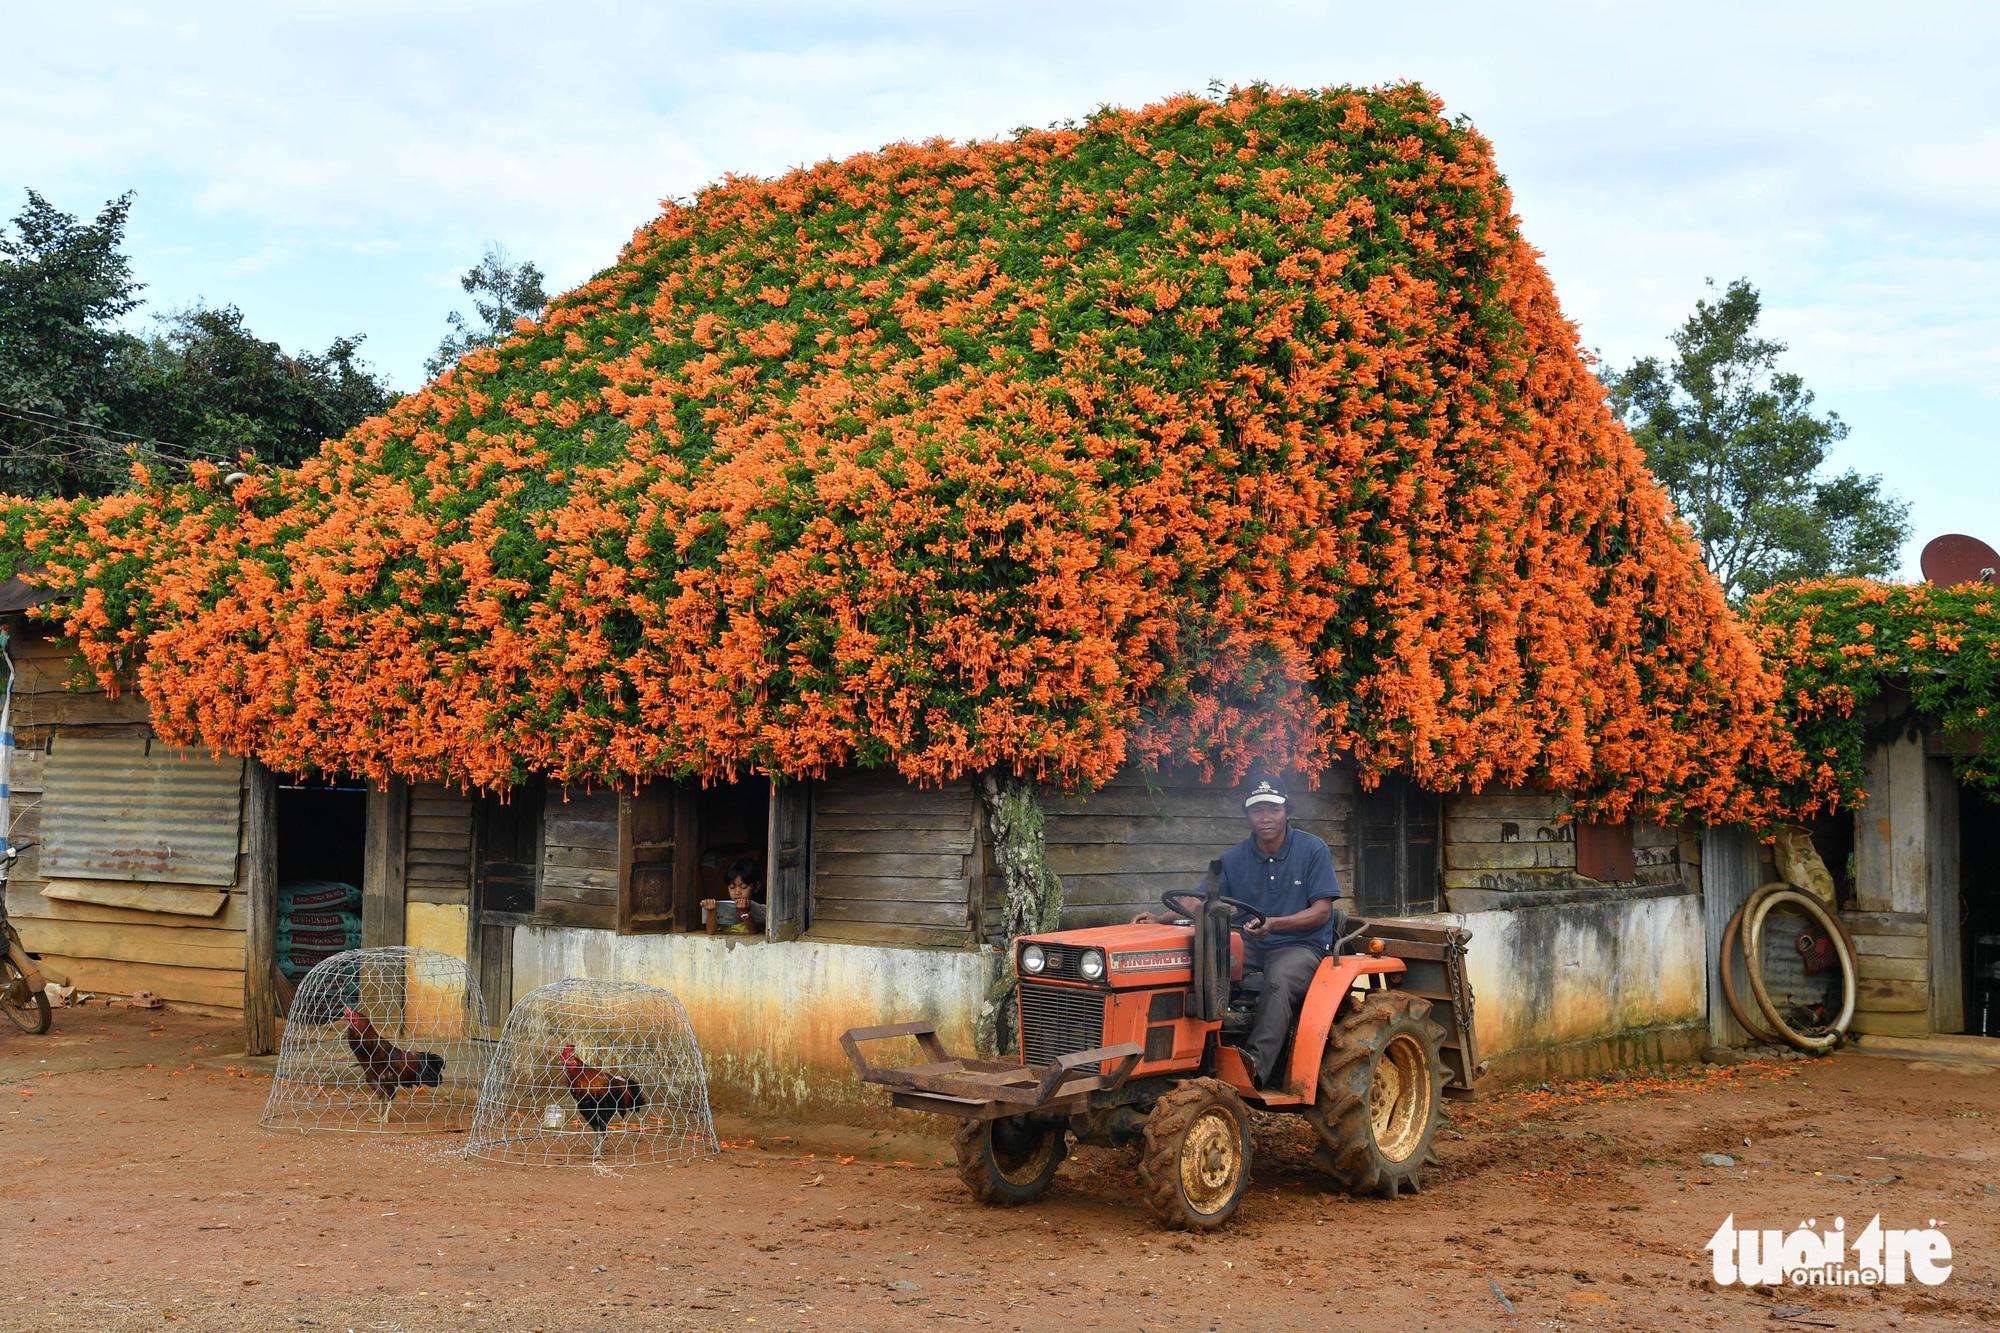 Ngôi nhà phủ hoa chùm ớt ở Lâm Đồng đã không còn - Thương trường 24h